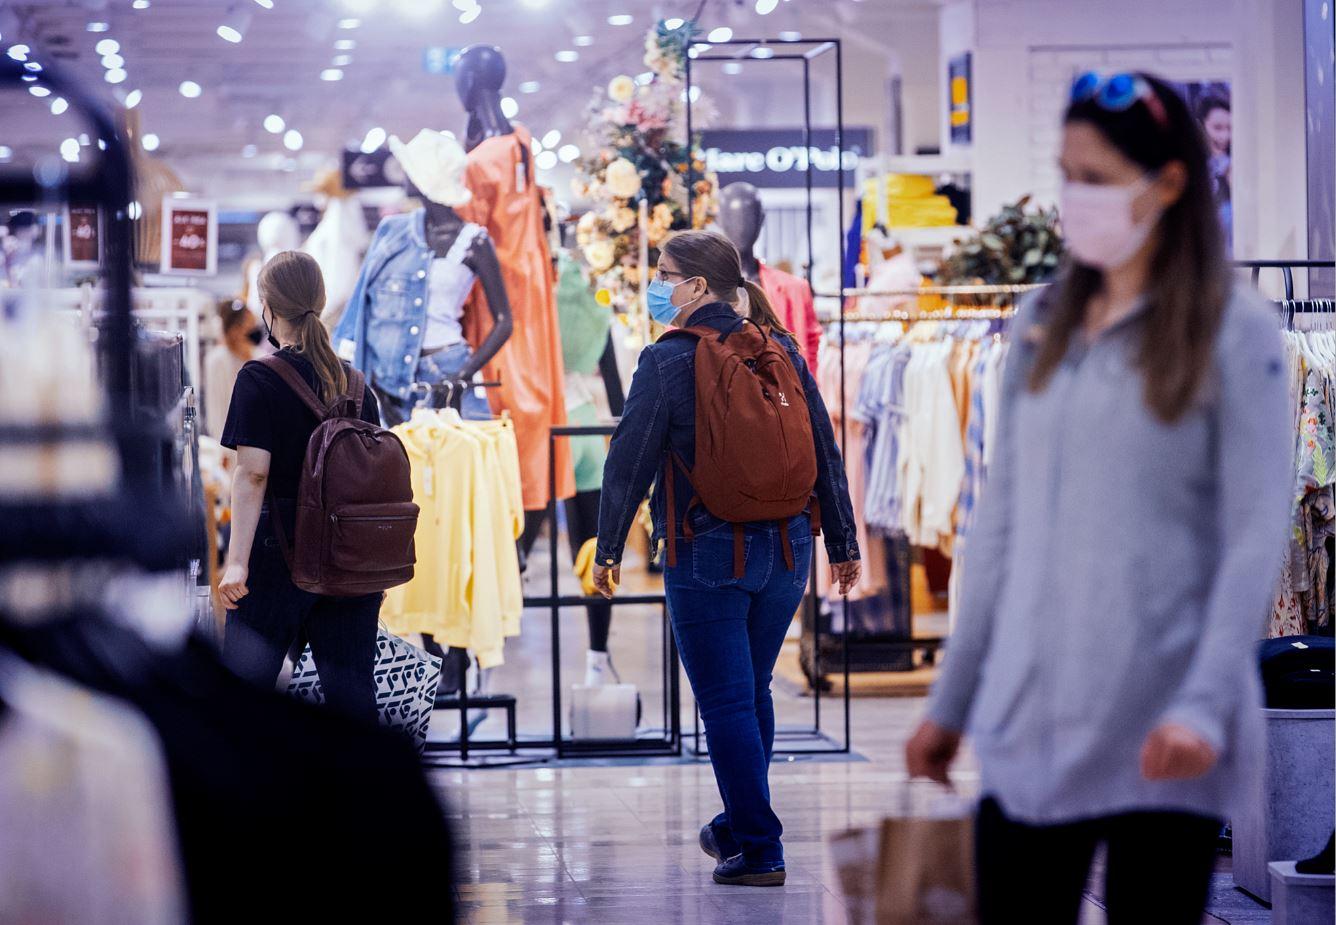 Finns shopping